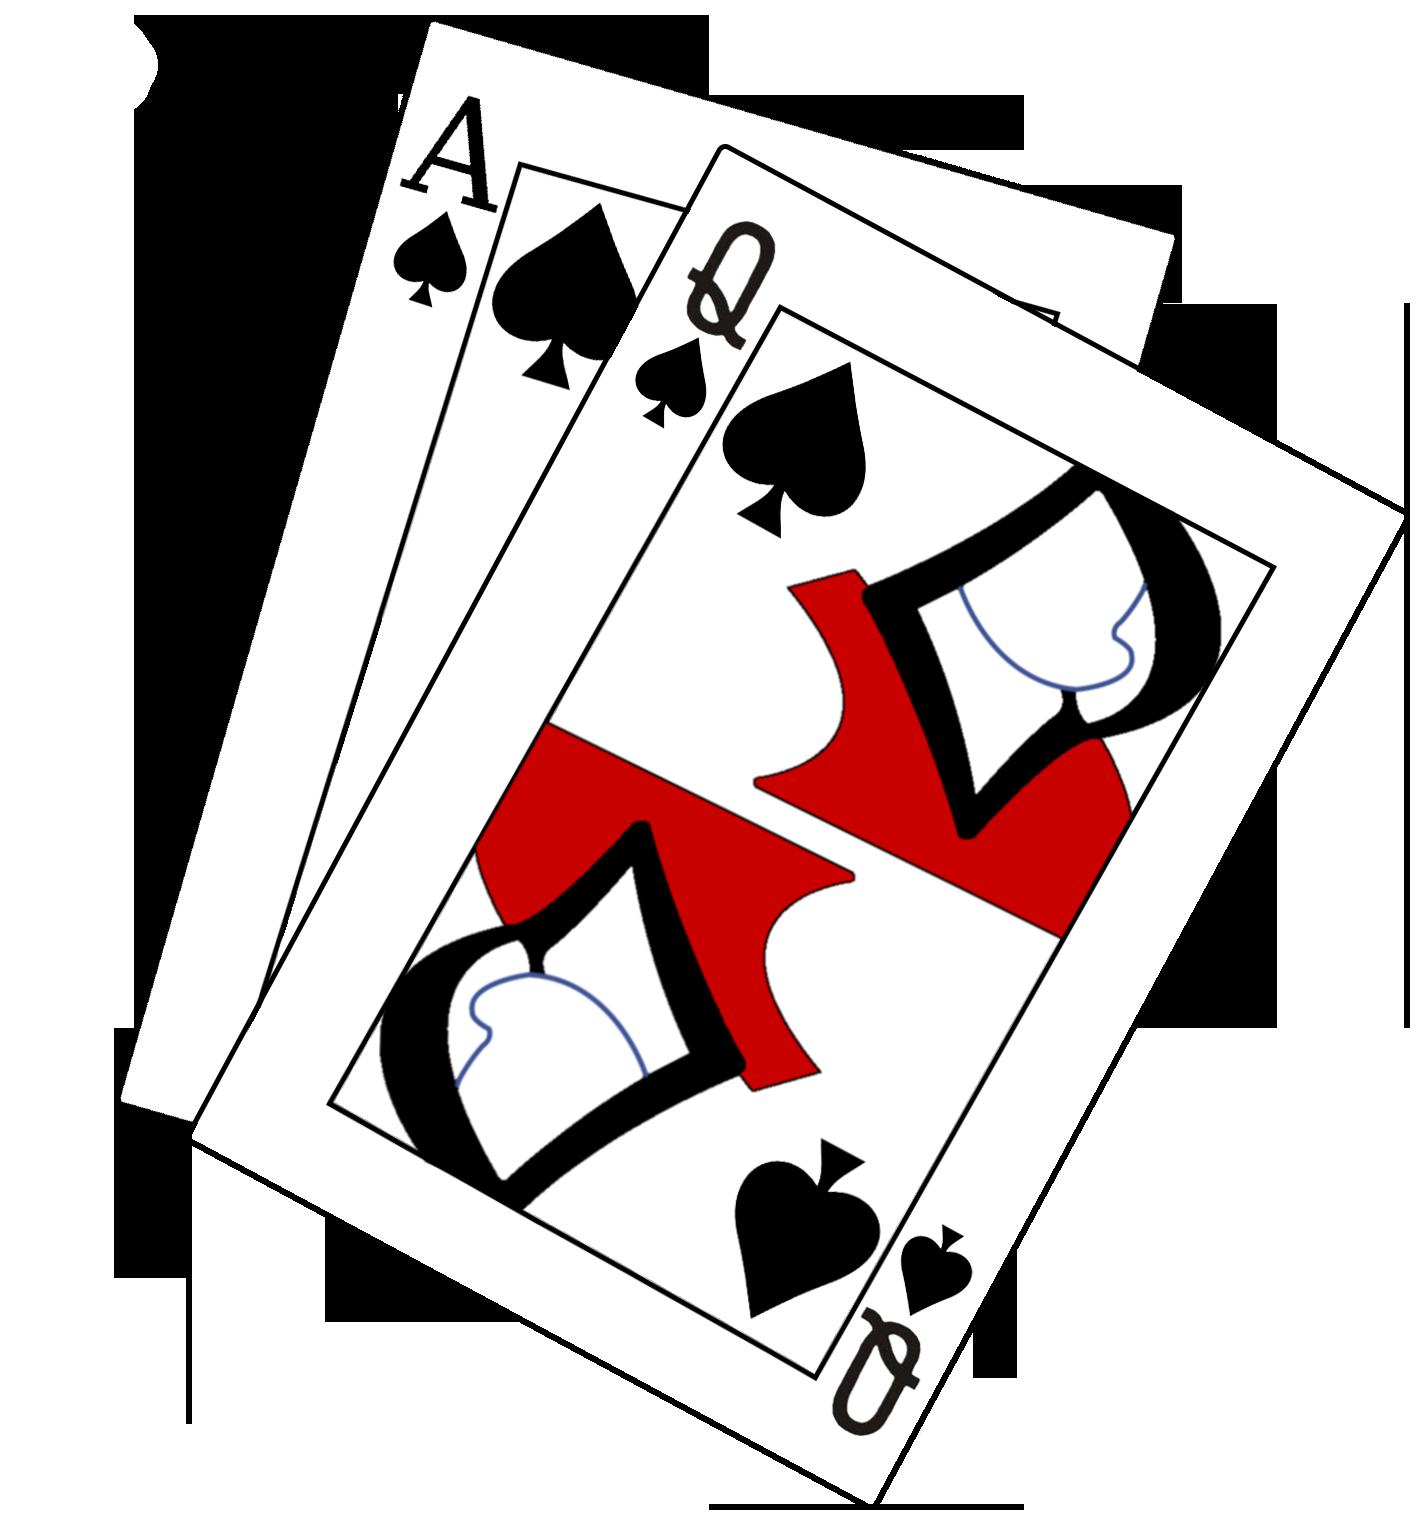 Black Jack Adams Blackjack